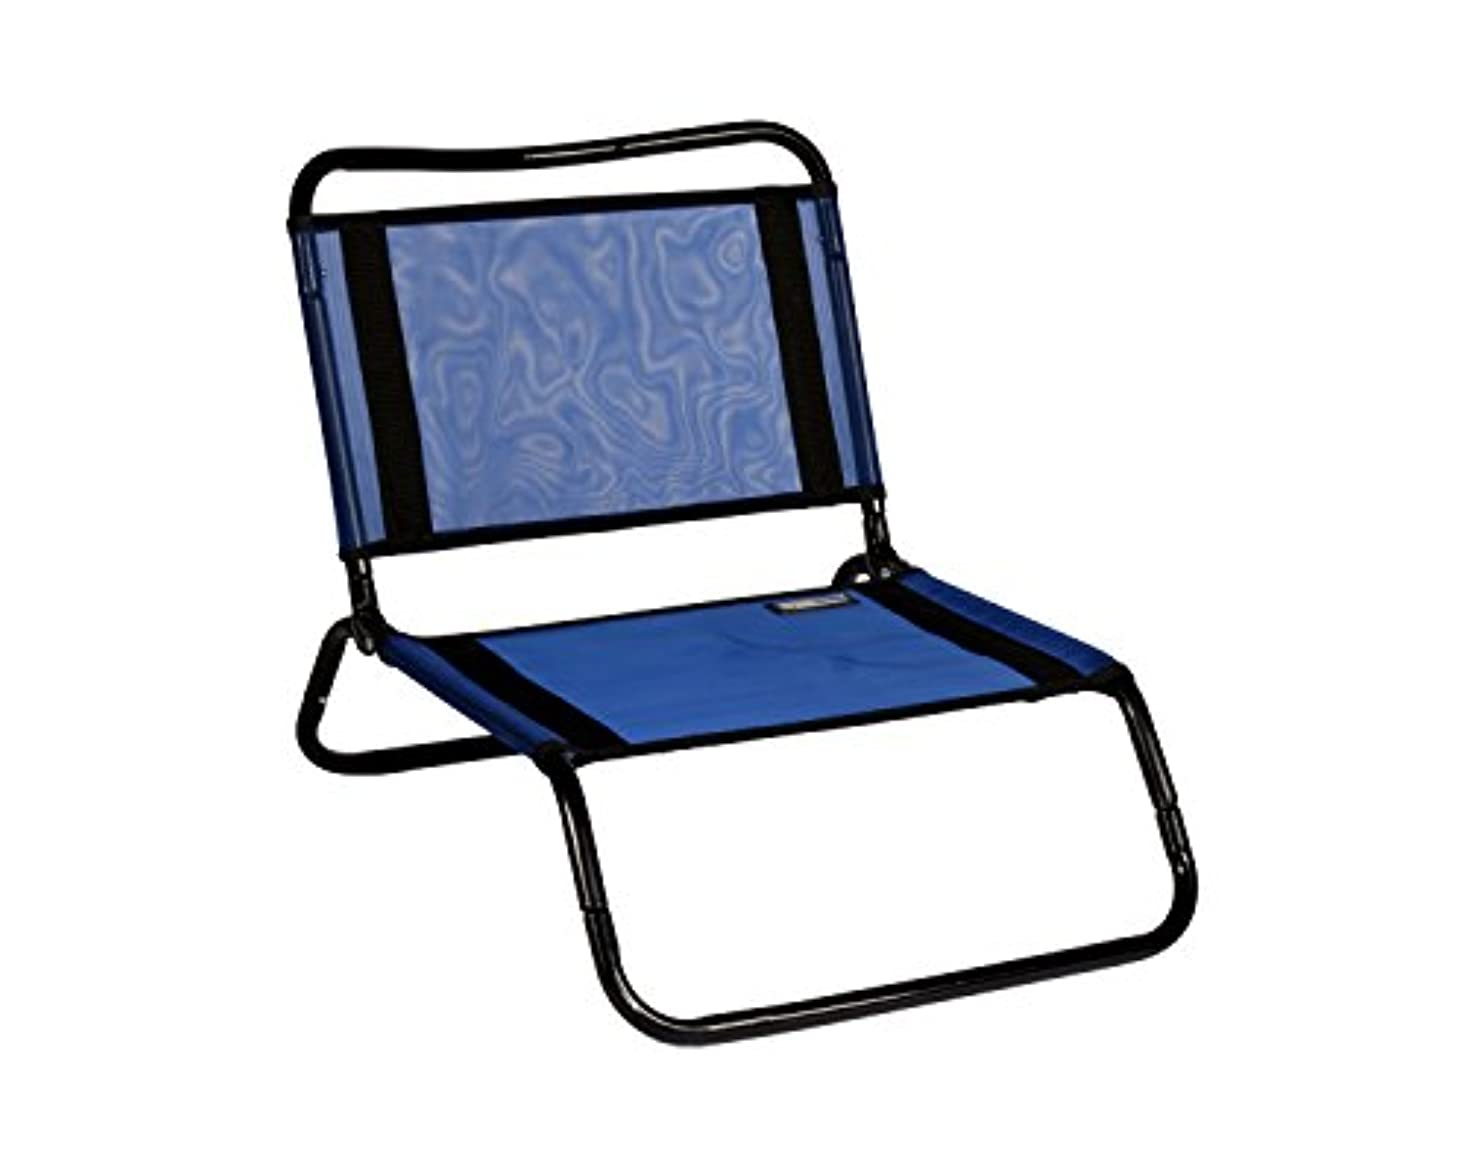 場合ジョセフバンクス場合Travelchair powdercoated steel frame., Blue 並行輸入